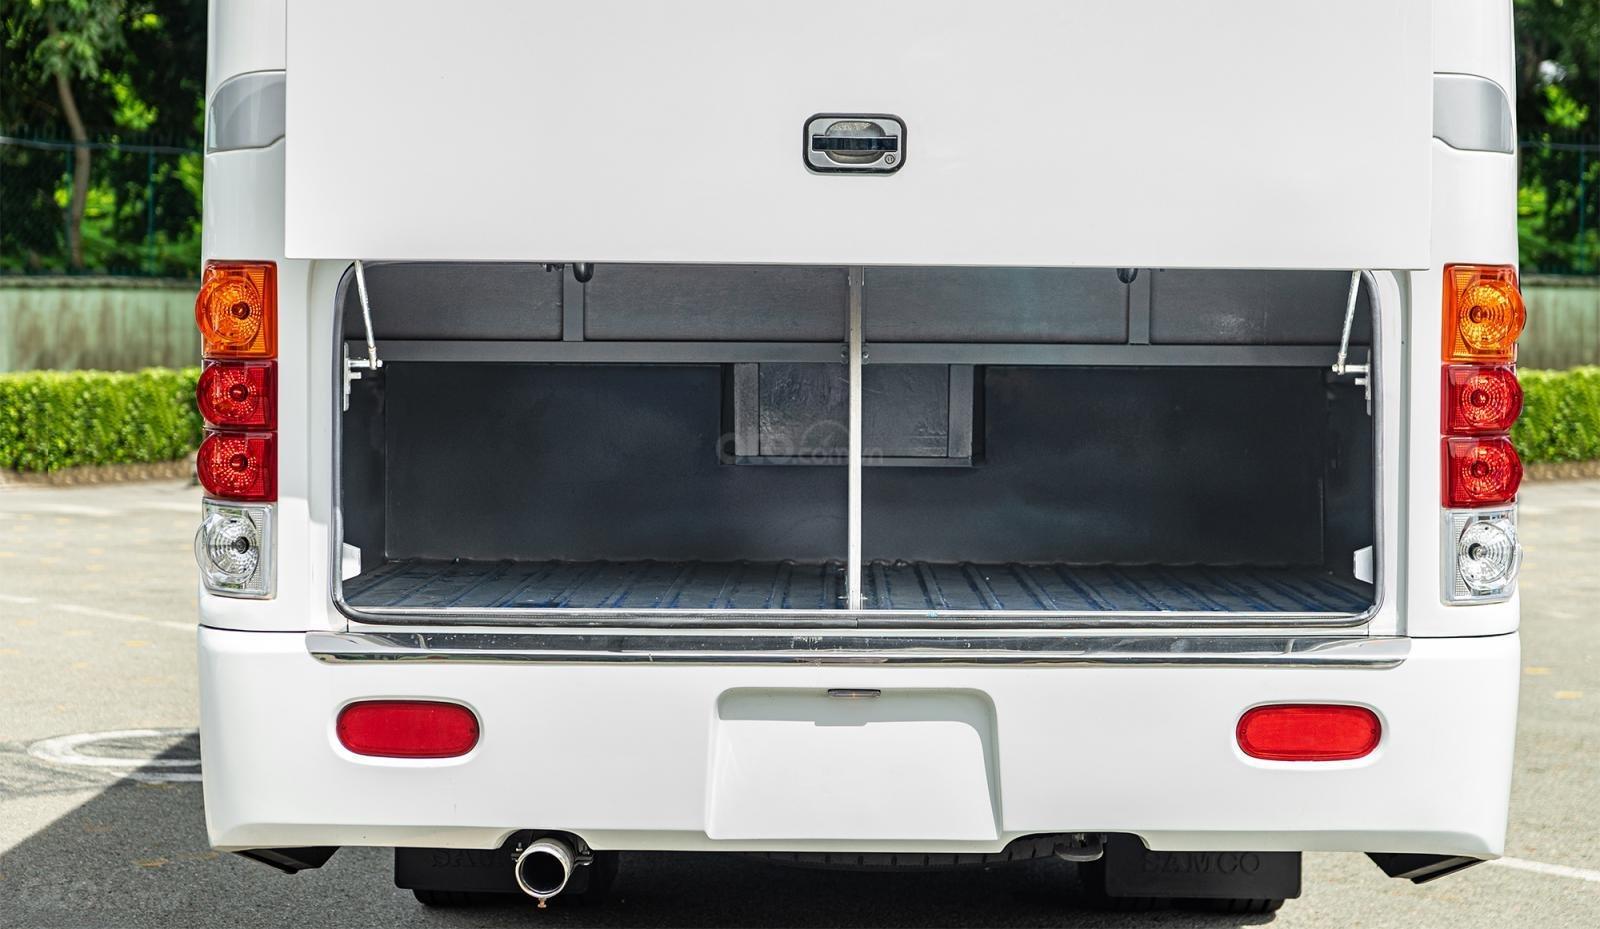 Bán xe khách Samco – Isuzu 29, 34 chỗ ngồi, 01 cửa (5)